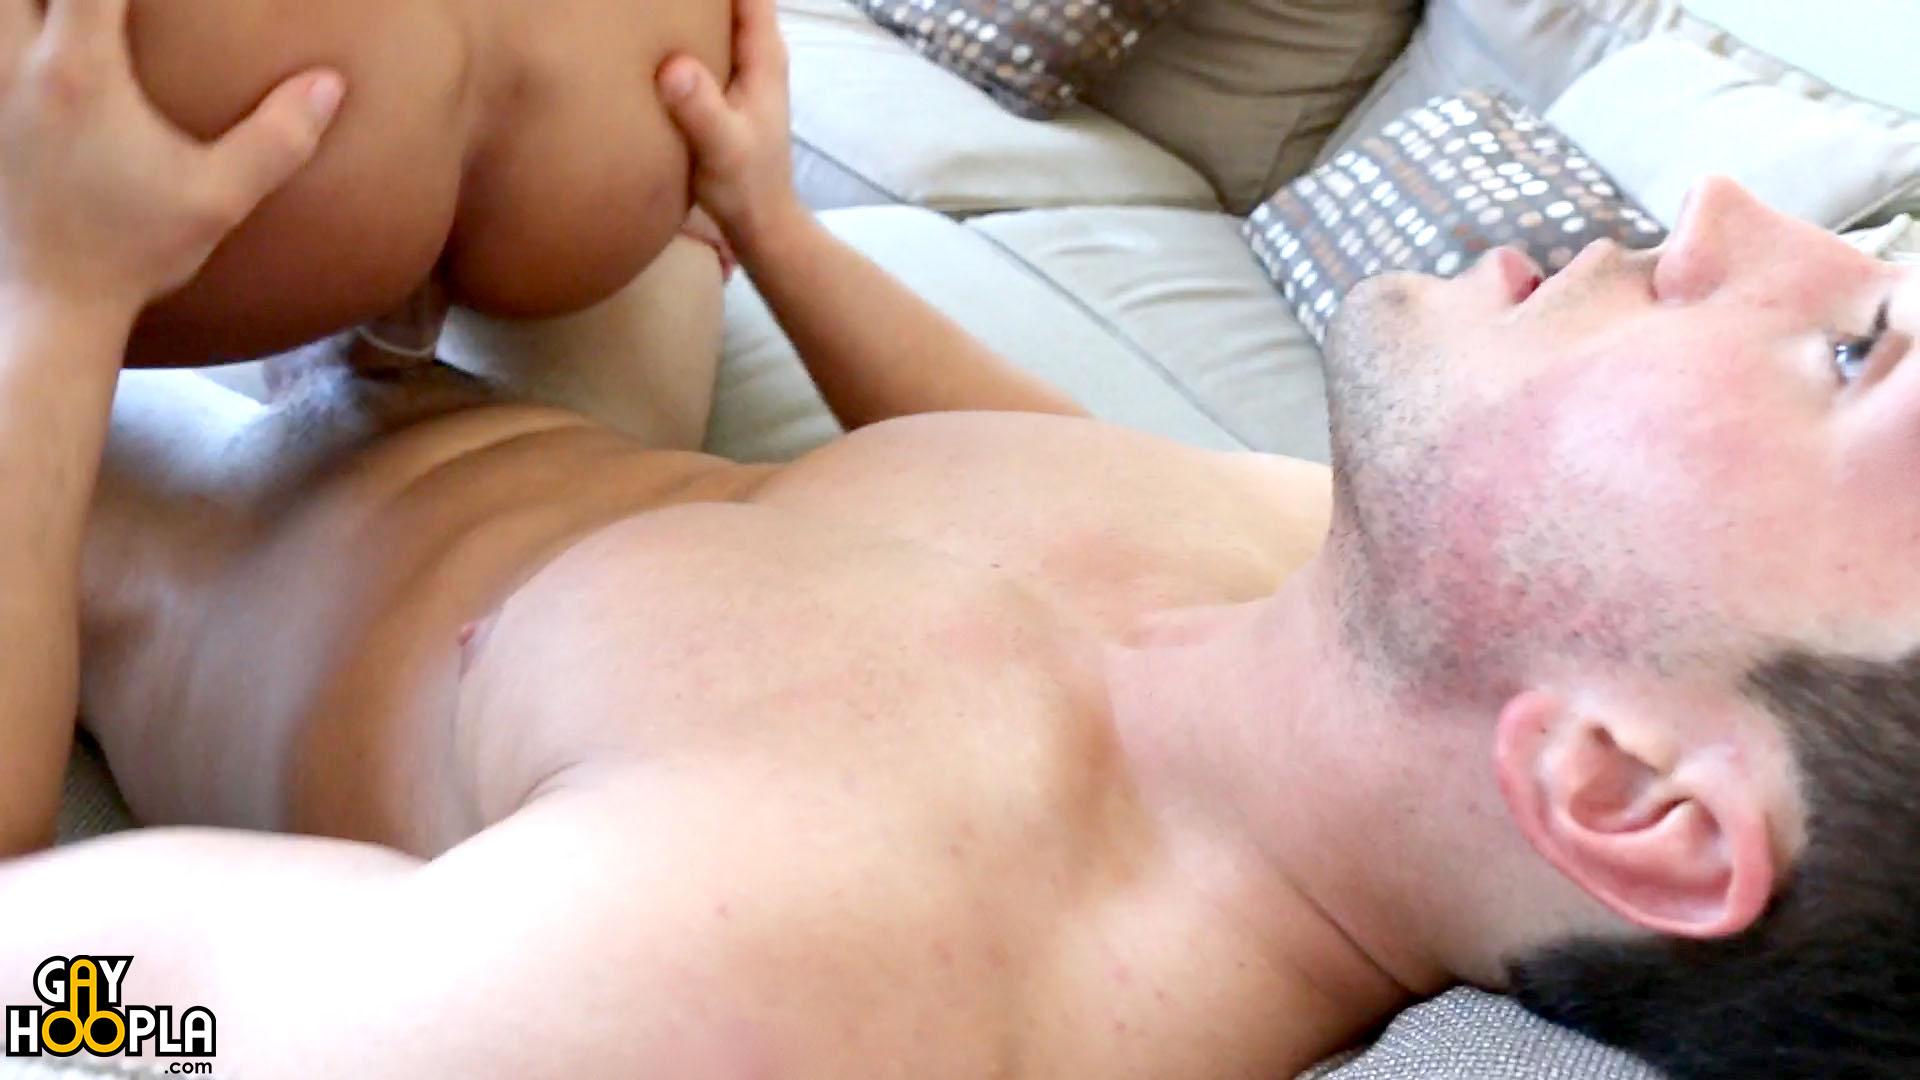 Photo of [GayHoopla] La primera vez de Bobby Effy follándose a un tio con Sean Costin